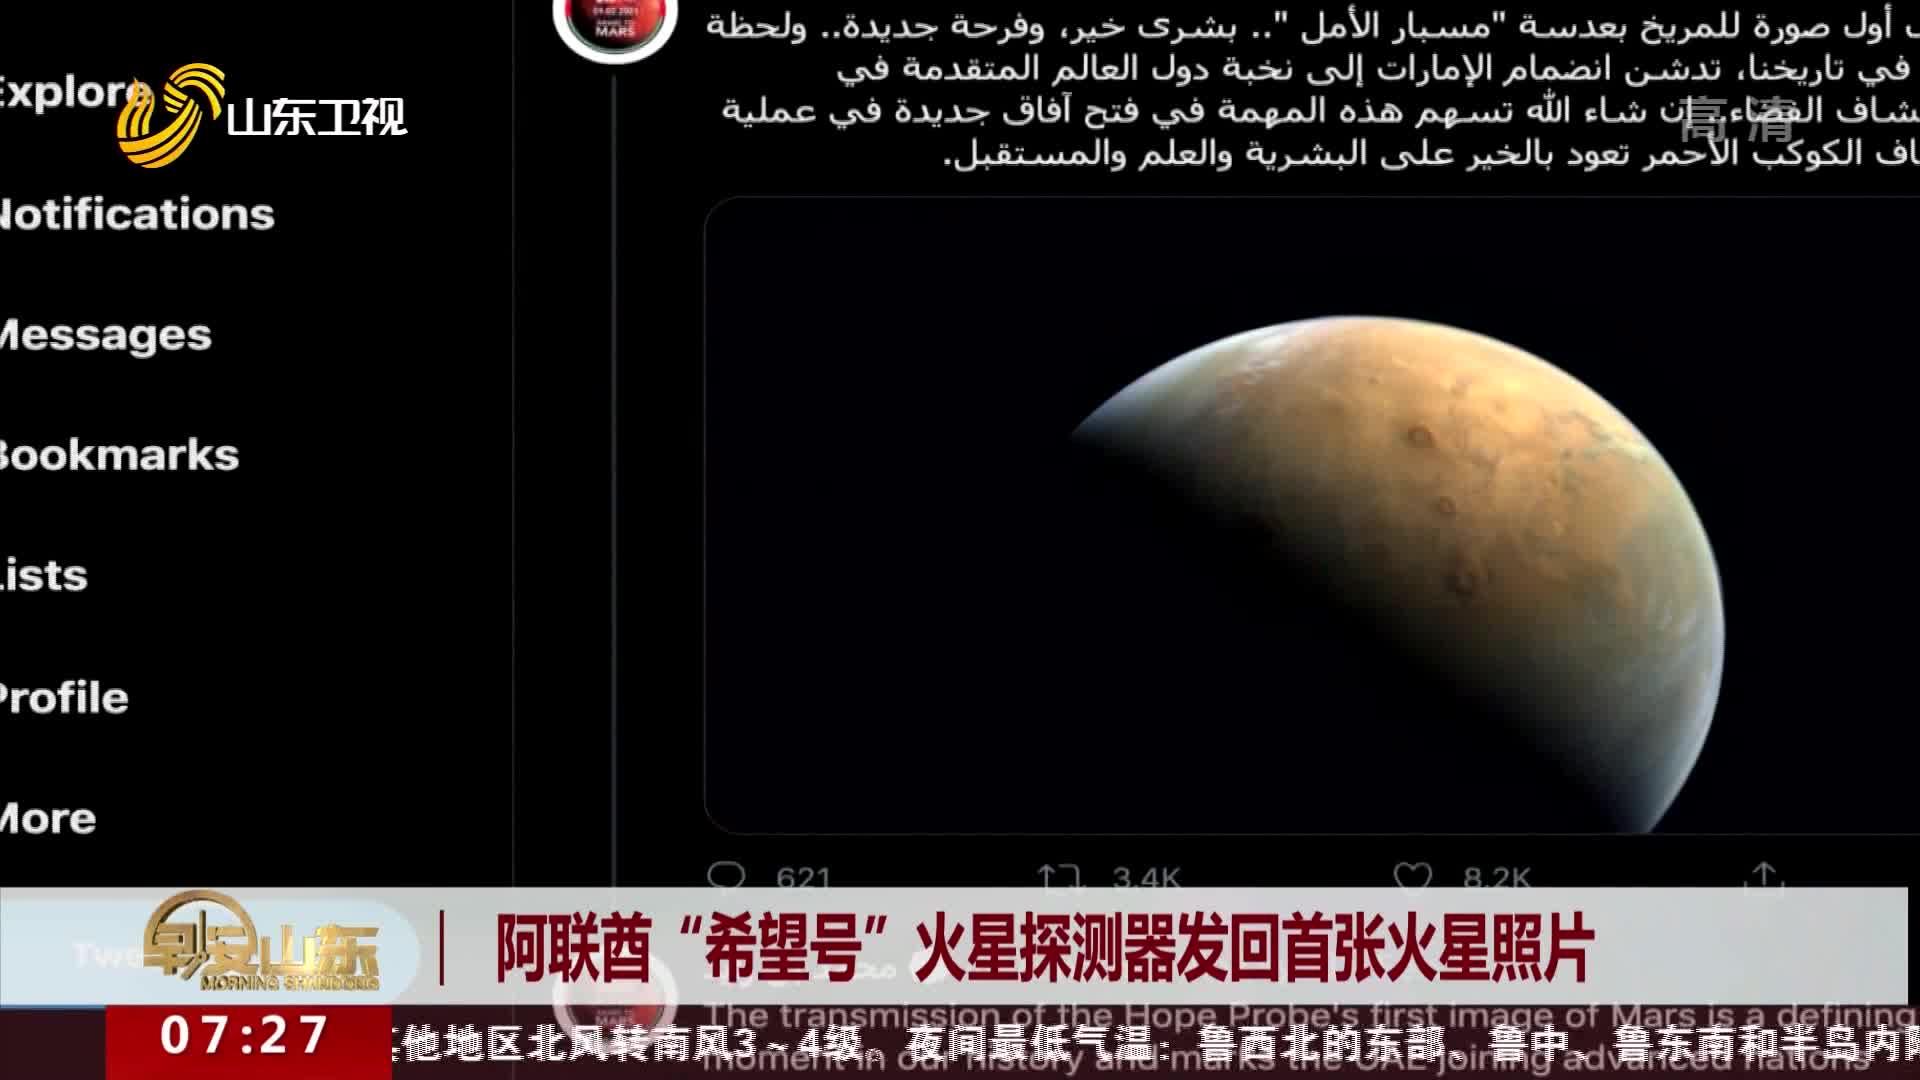 """阿联酋""""希望号""""火星探测器发回首张火星照片"""